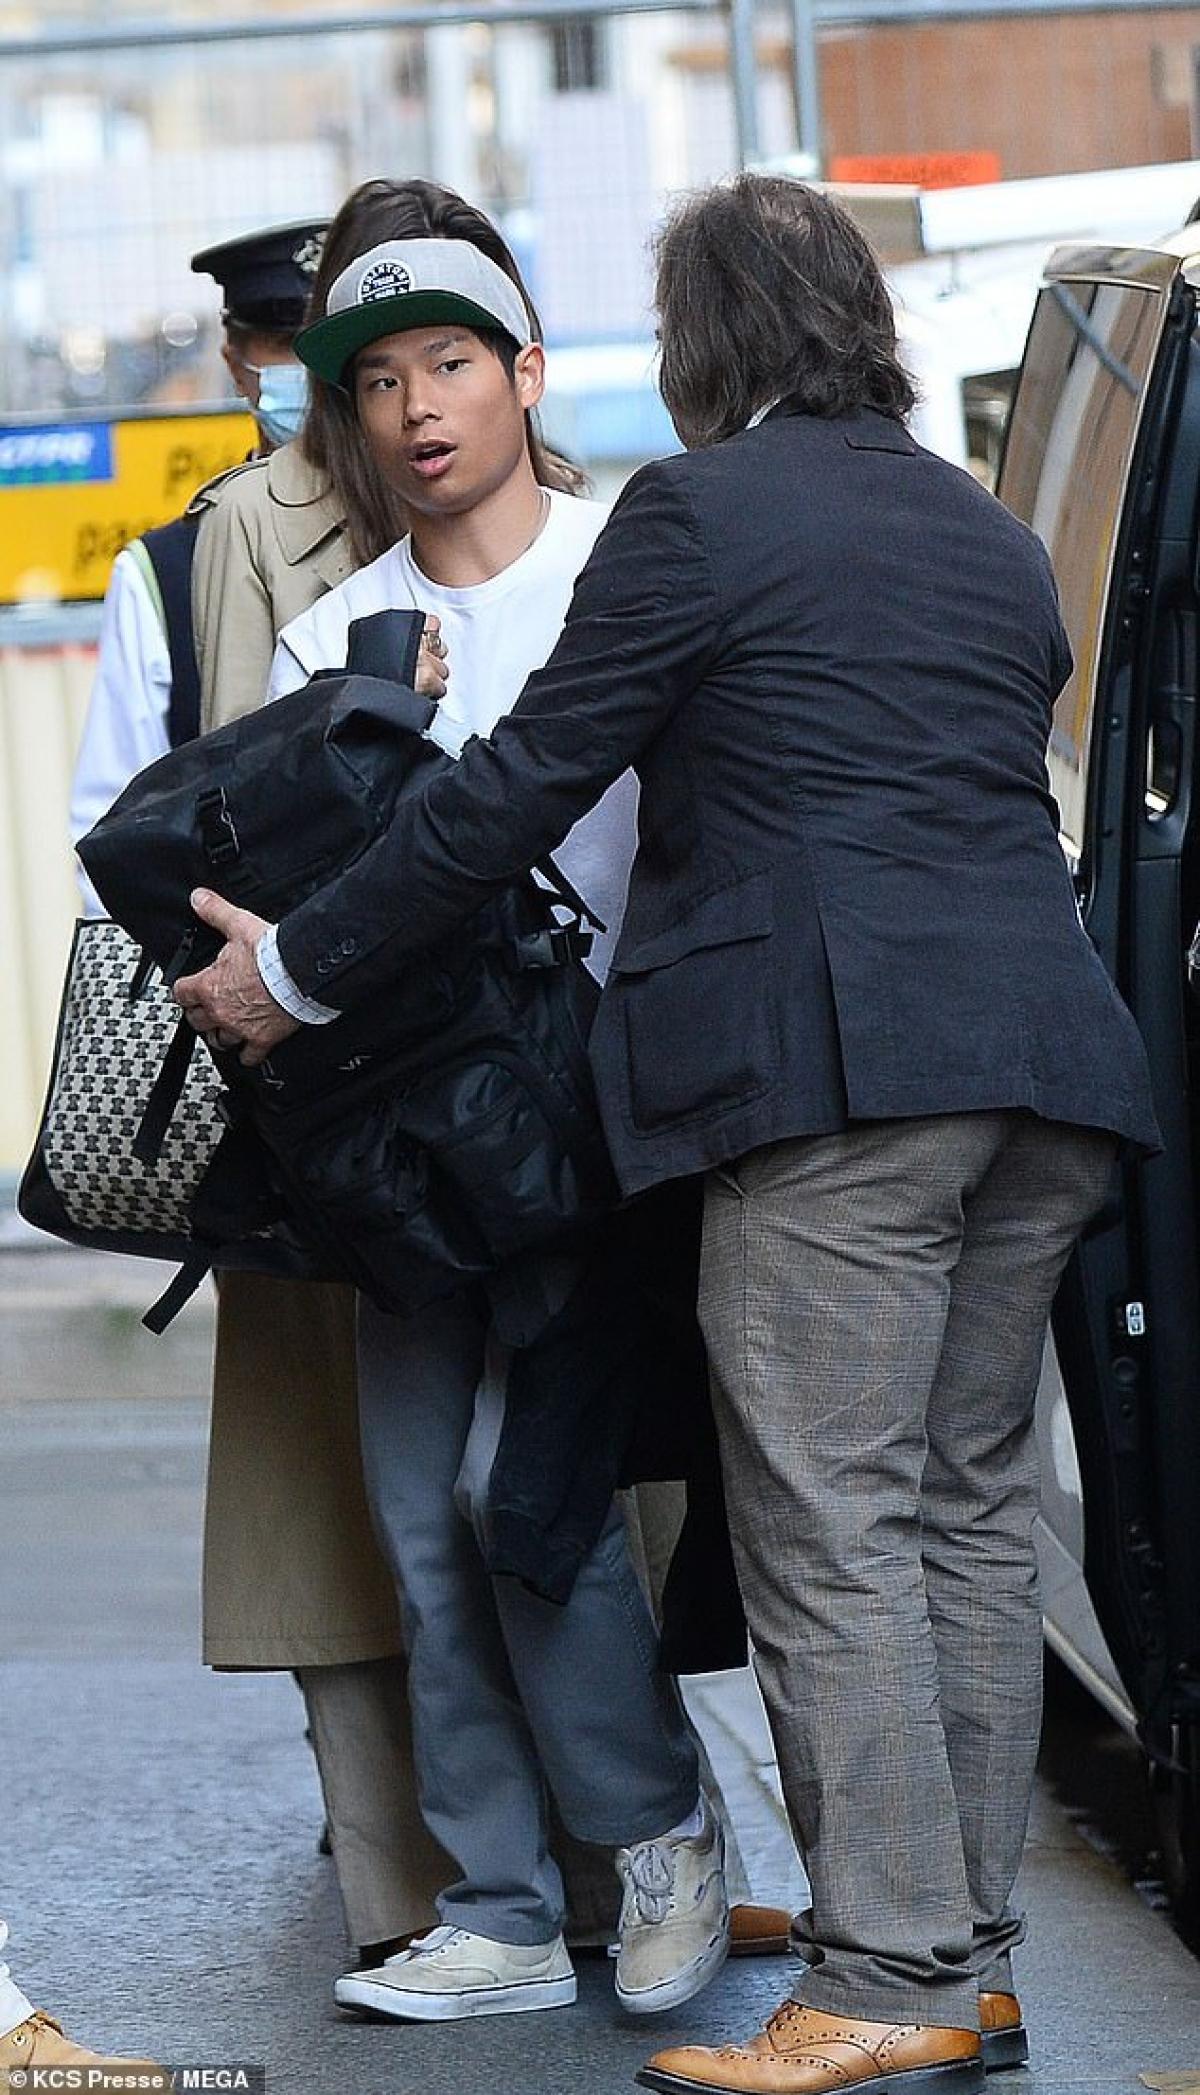 """Trước đó, trong phỏng vấn trên chương trình E!News Daily Pop, nữ diễn viên Angelina Jolie đã có những chia sẻ về cuộc sống riêng tư sau khi ly hôn nam tài tử Brad Pitt. Trước câu hỏi của MC Justin Sylvester về việc cô có những tiêu chuẩn khắt khe khi tìm bạn đời không, Angelina Jolie đáp: """"Tôi có lẽ có một danh sách rất dài chứ. Tôi đã ở một mình quá lâu rồi""""."""